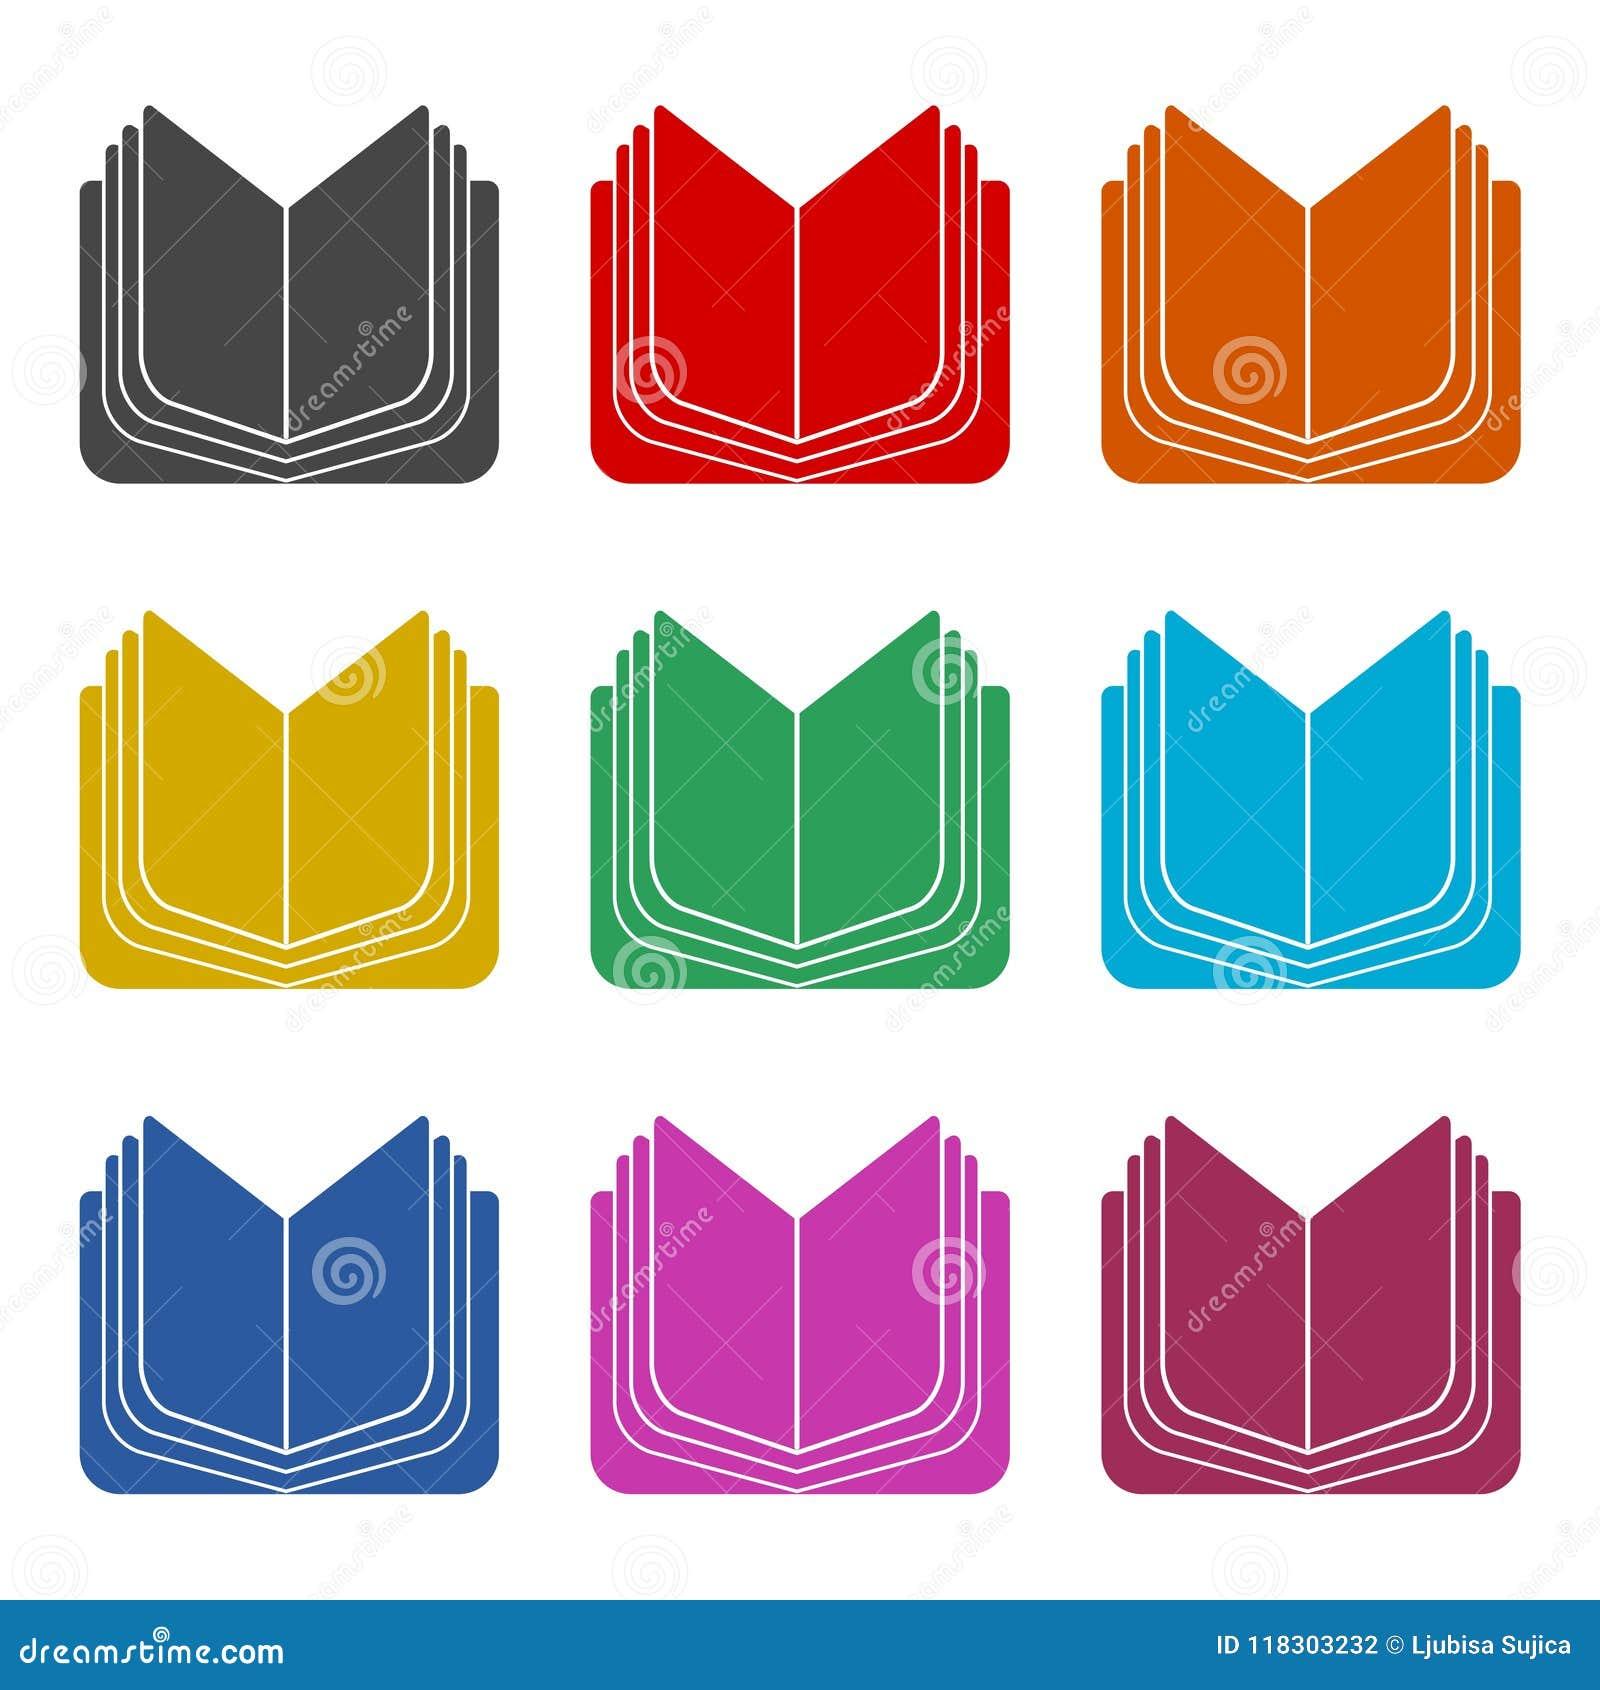 Icone Ouverte De Livre Icones De Couleur Reglees